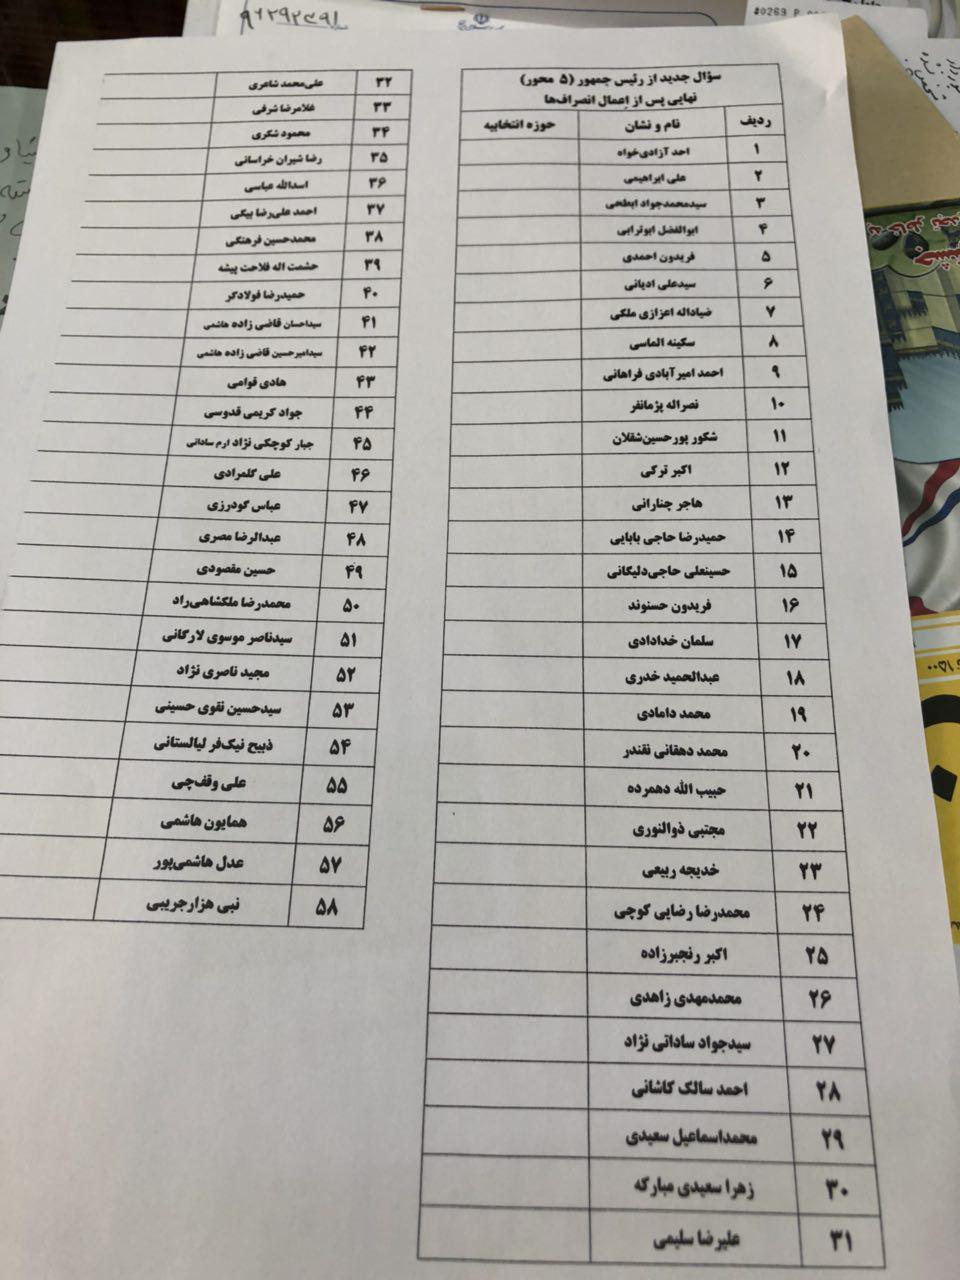 38285 - اسامی ۵۸ نماینده ای که امضای خود را پس نگرفتند | حضور ۴ نماینده گیلان در لیست + سند